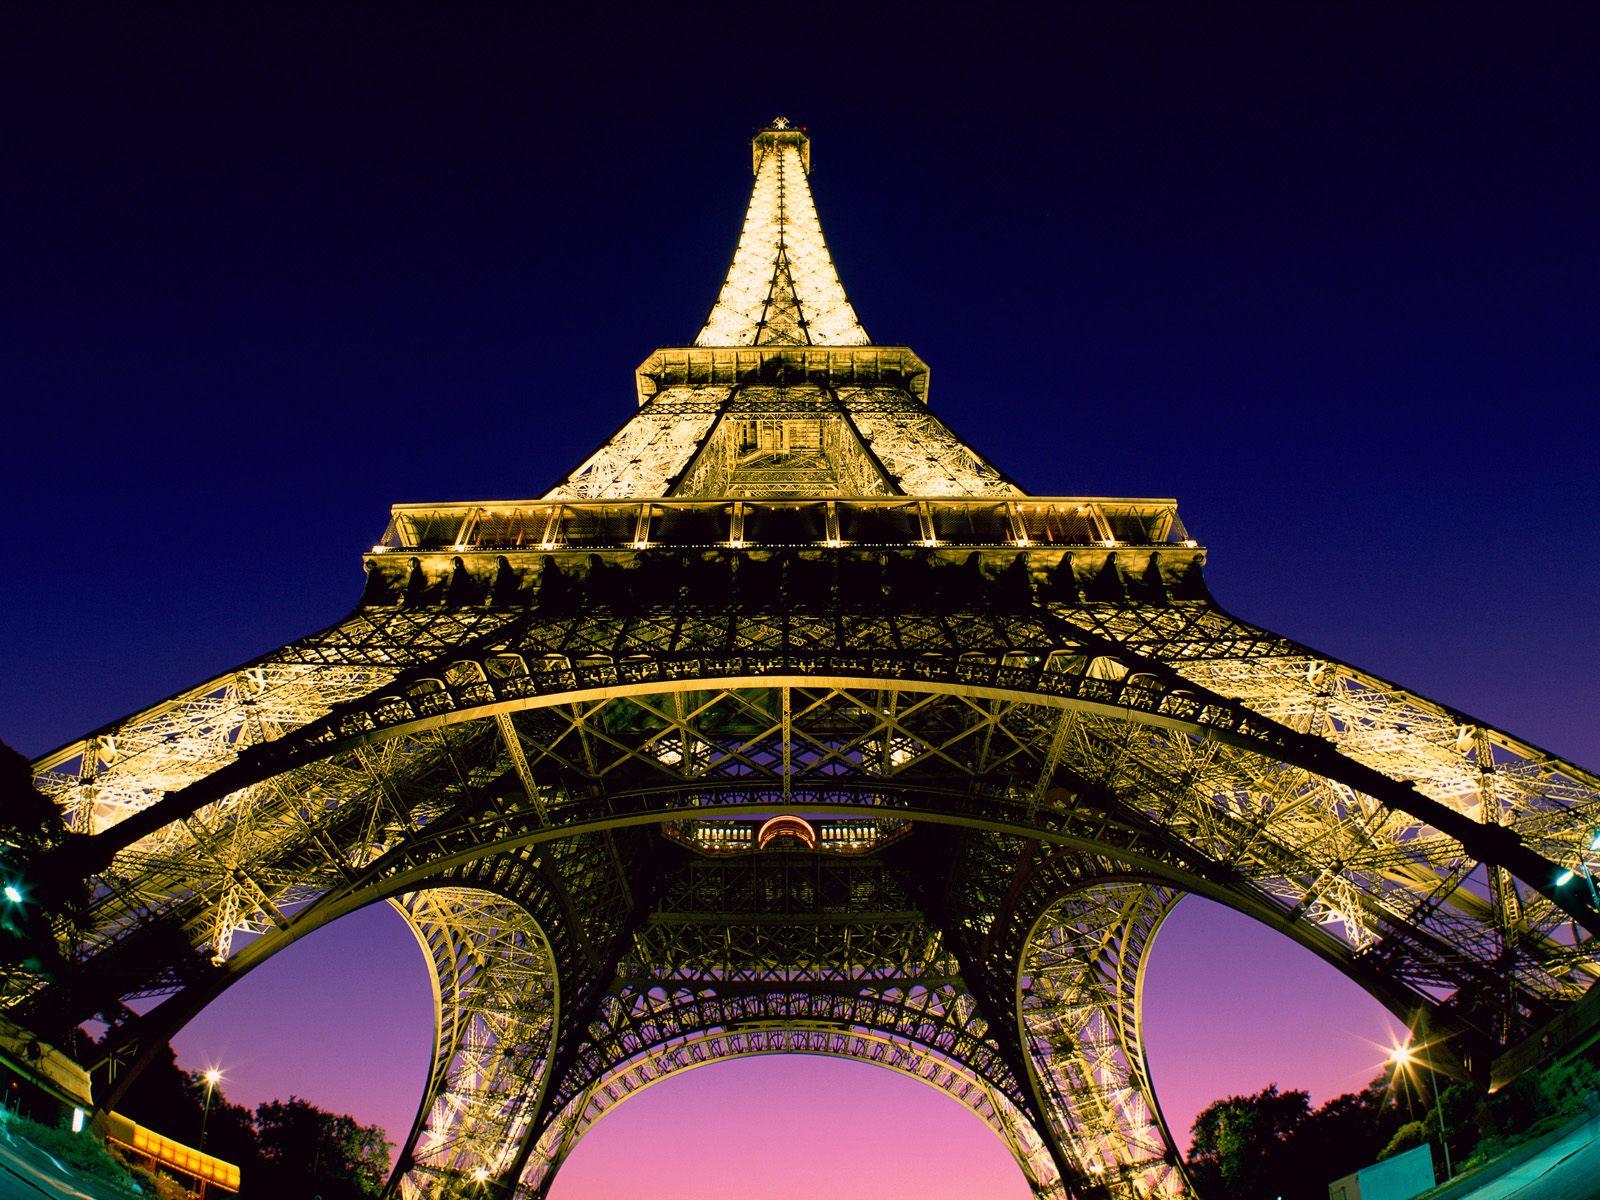 http://1.bp.blogspot.com/-iddGCts22Ec/T6cEKtpK0yI/AAAAAAAAAgA/Mr6GJg2G7Cs/s1600/eiffel_tower,_paris,_france.jpg